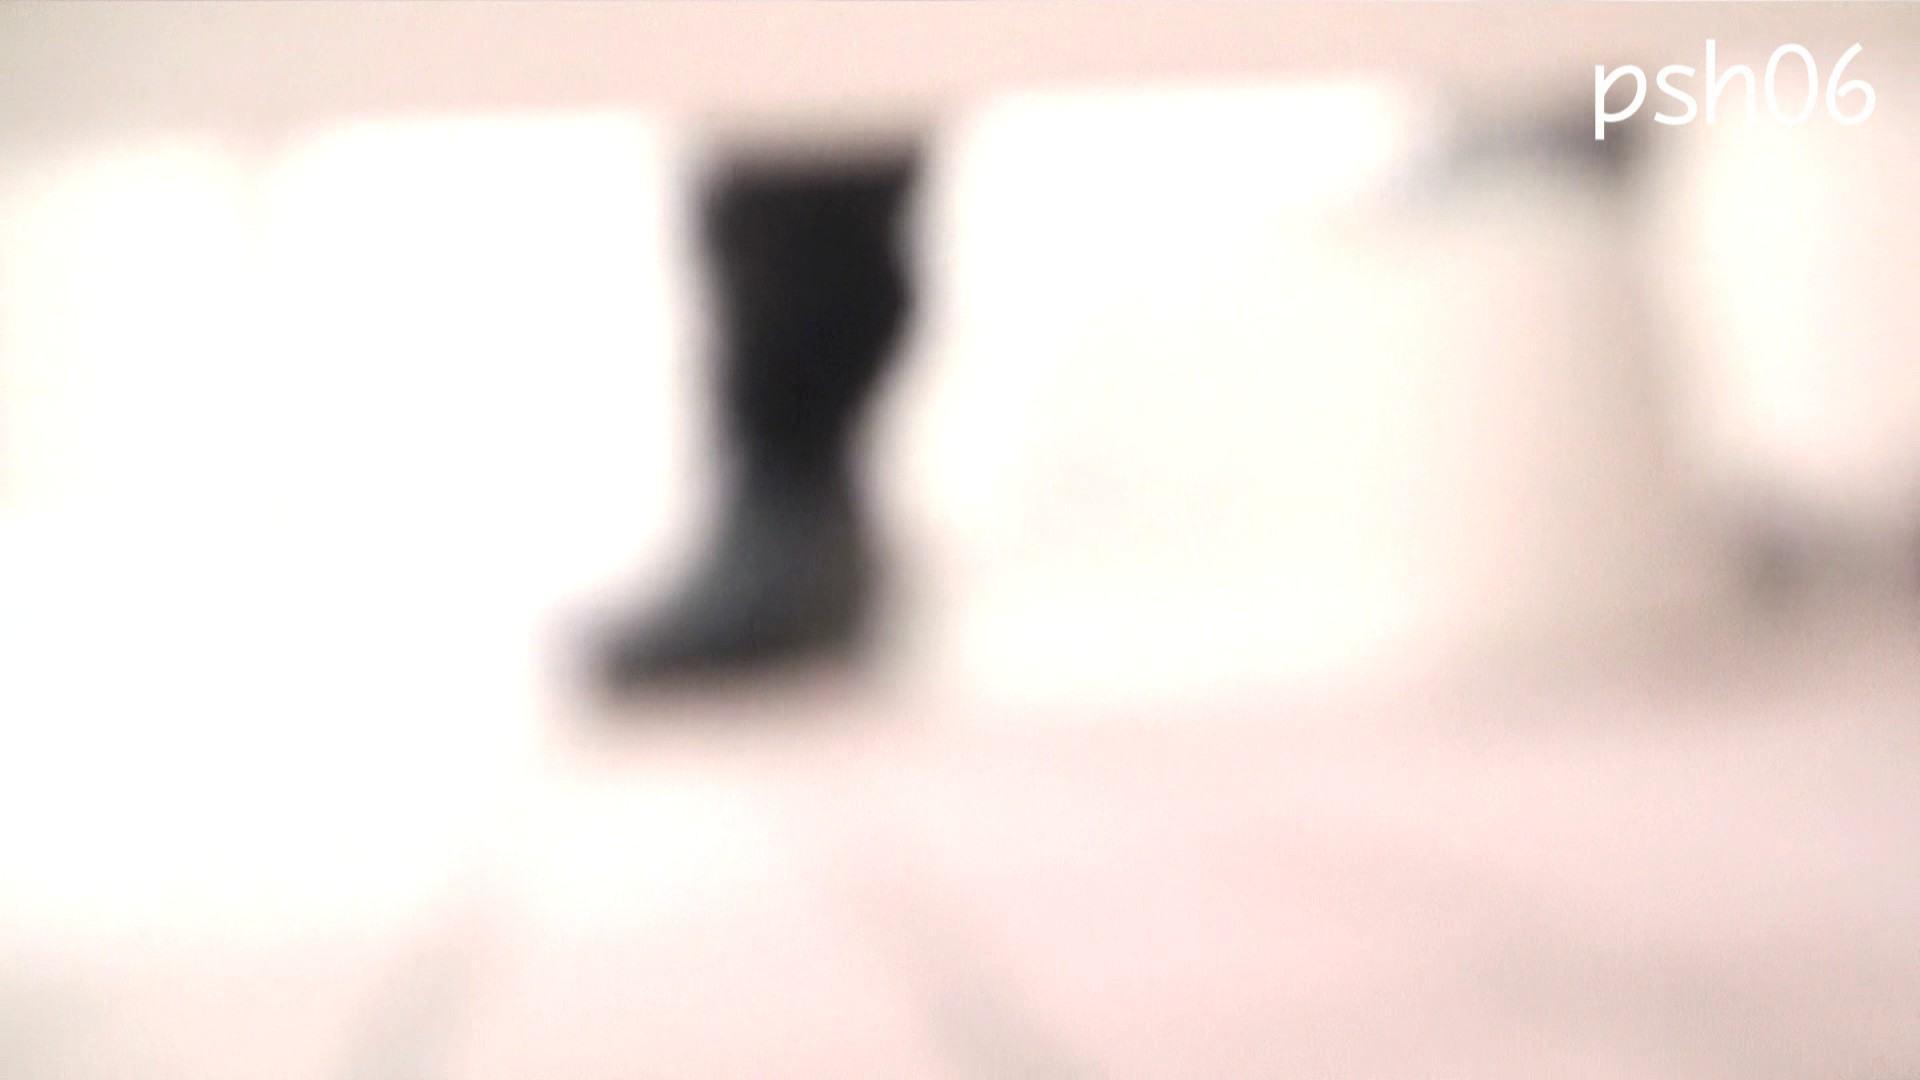 ▲復活限定▲ハイビジョン 盗神伝 Vol.6 洗面所シーン オマンコ動画キャプチャ 54画像 13